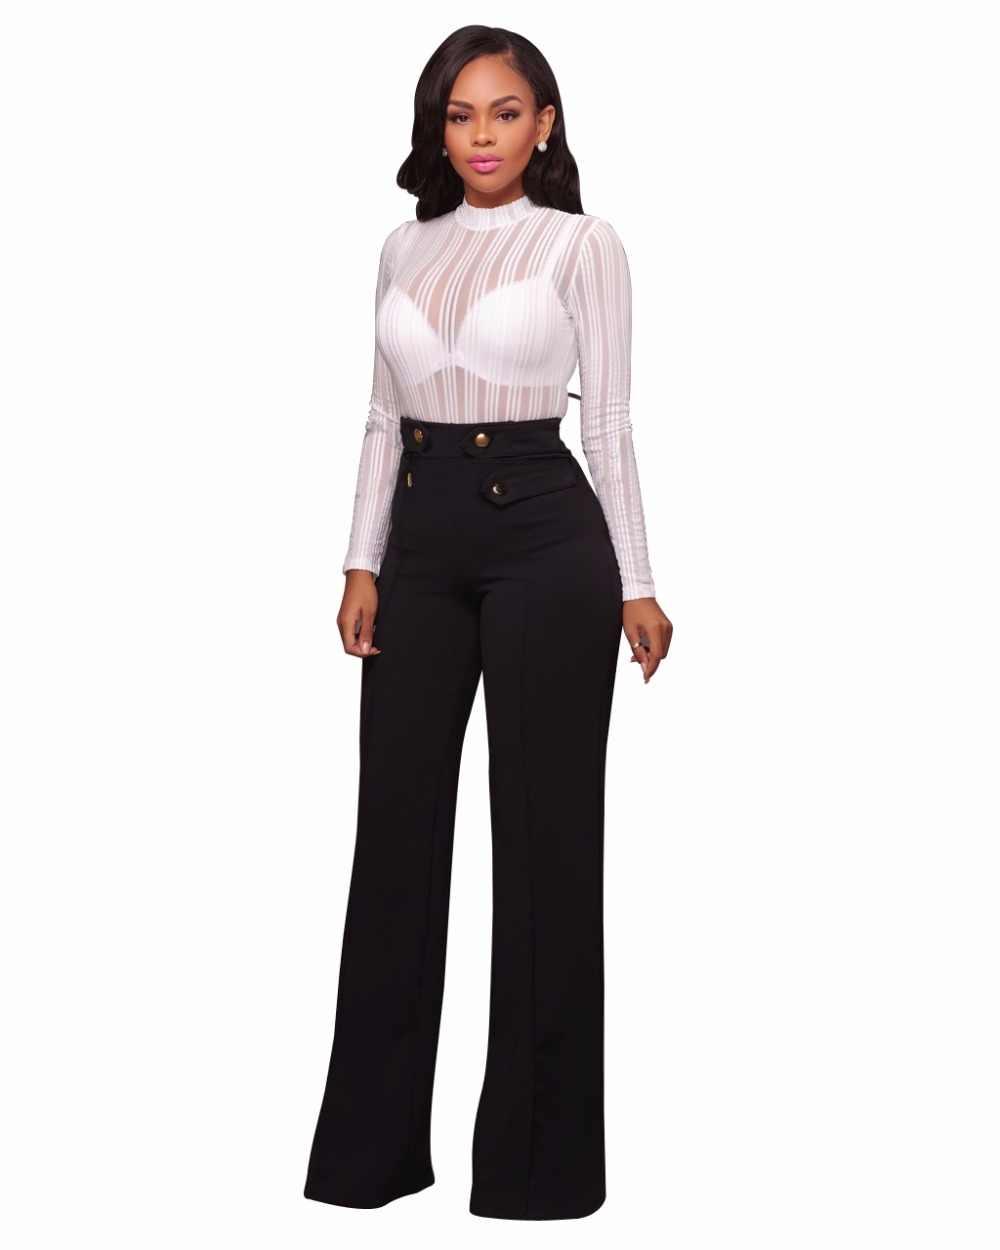 Длинный рукав цельный облегающий боди сексуальный женский черно-белый полосатый сетчатый прозрачный шорты женский костюм пляжного типа больших размеров боди 2XL